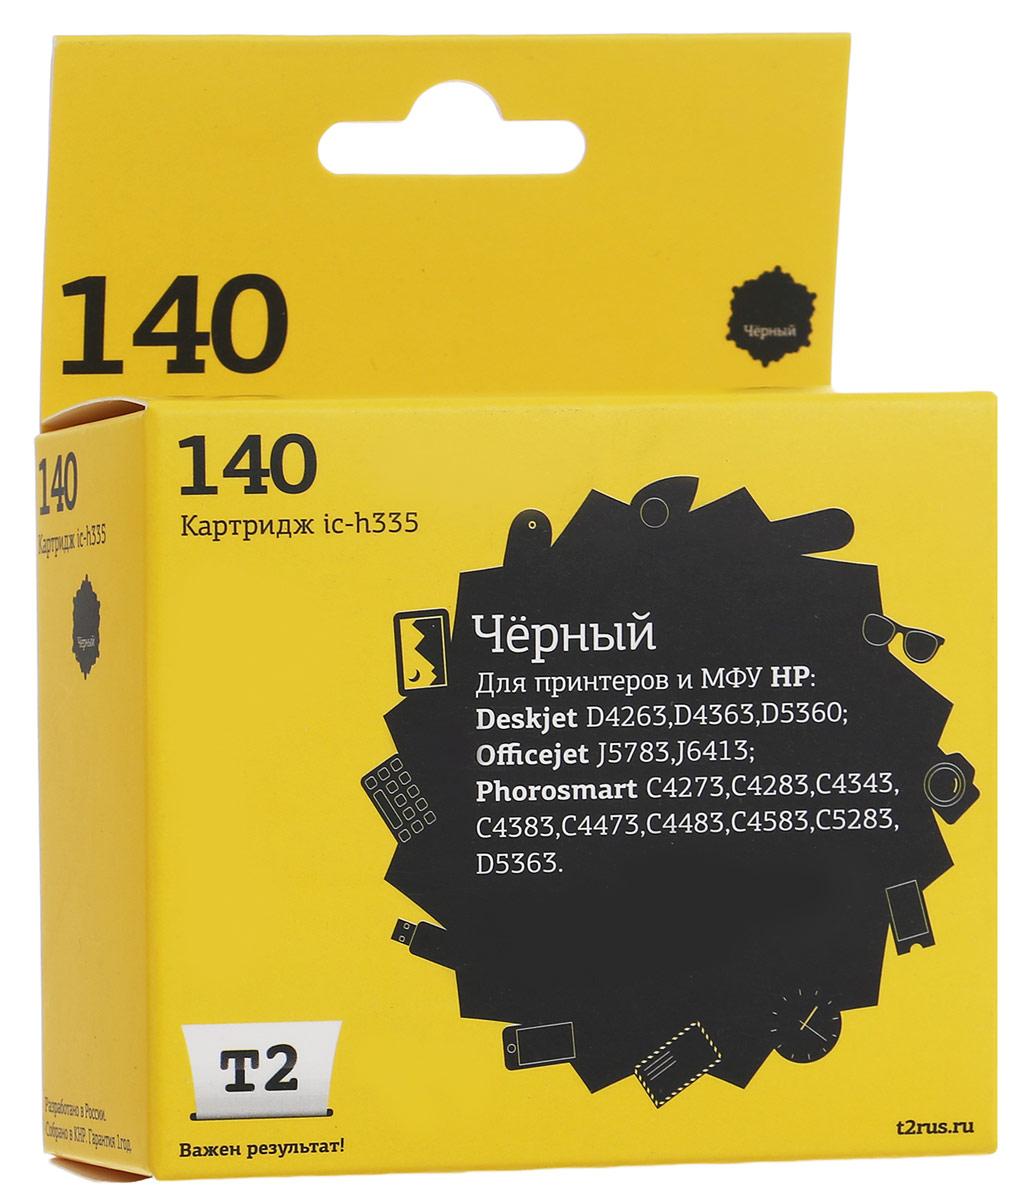 T2 IC-H335 картридж для HP Deskjet D4263/D5360/Officejet J5783/J6413/Photosmart C4273 (№140), BlackIC-H335Картридж T2 IC-H335 с черными чернилами для струйных принтеров и МФУ HP. Картридж собран из японских комплектующих и протестирован по стандарту ISO.